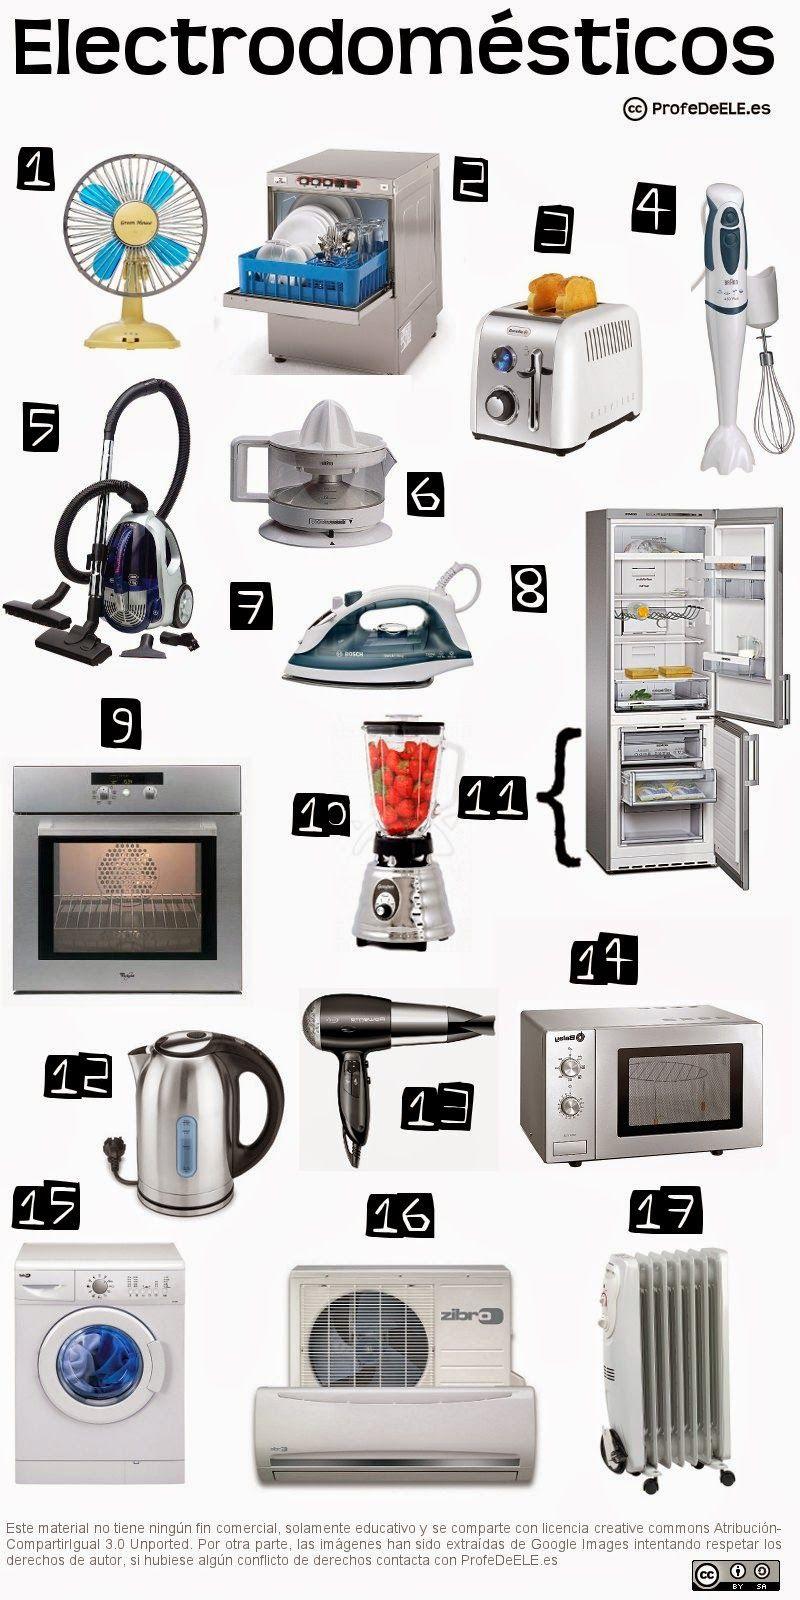 Vocabulario de los electrodom sticos tema 4 st 3 la - Electrodomesticos la casa ...